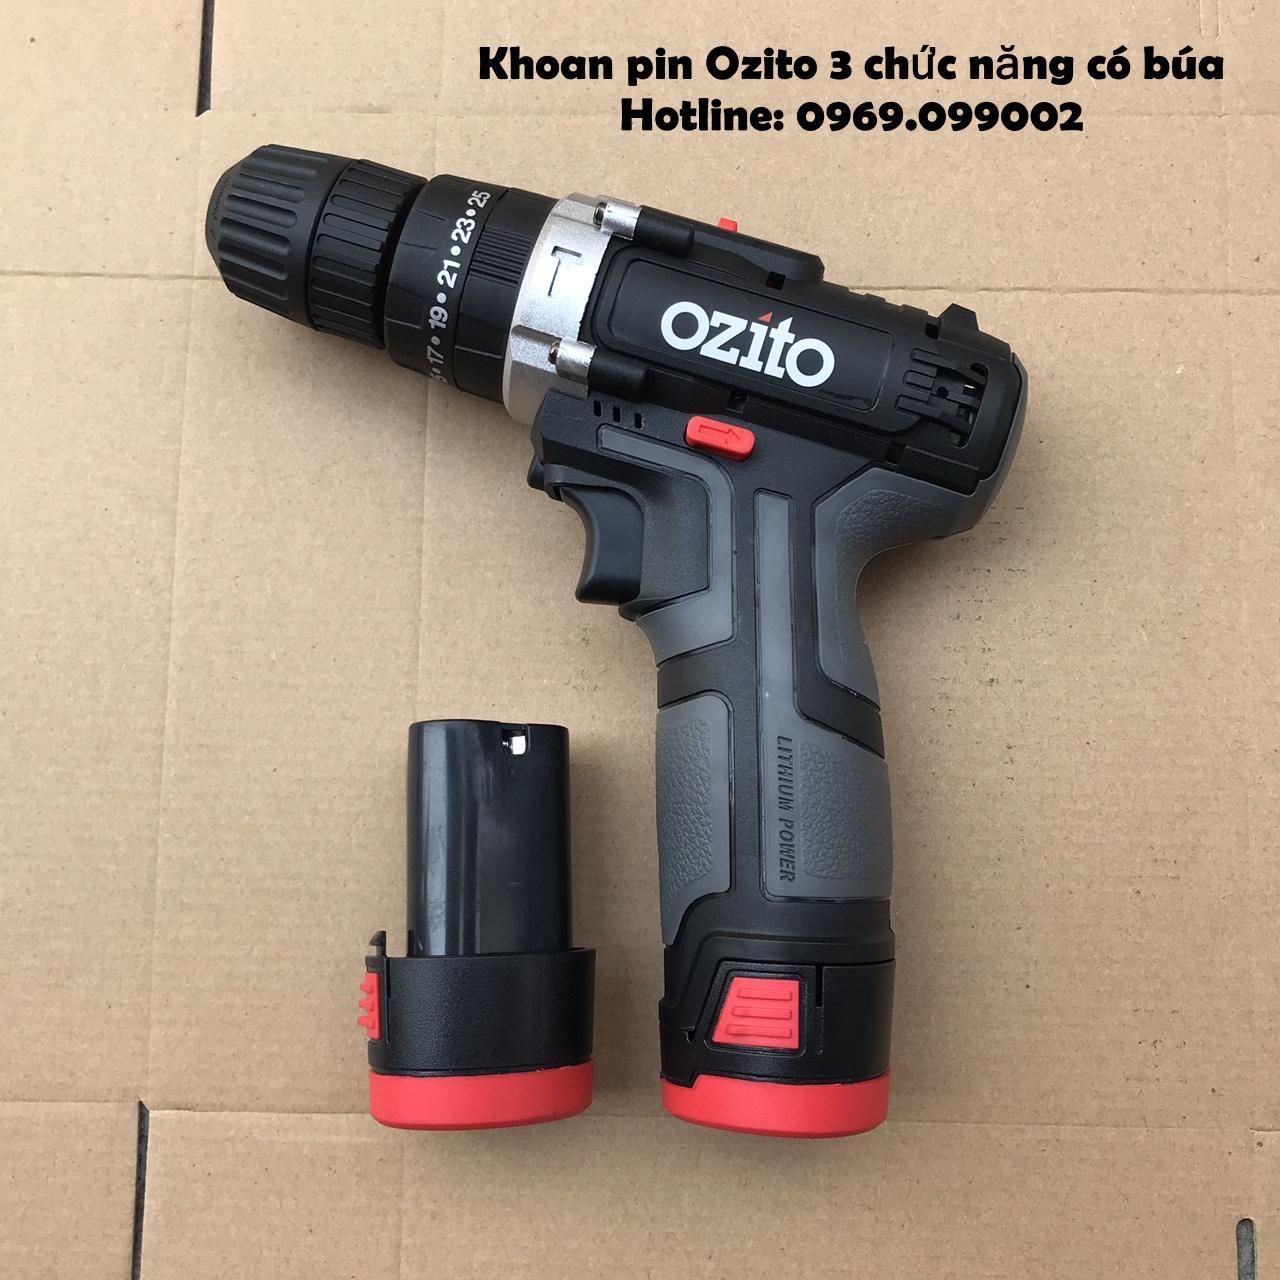 Máy khoan pin 12V Ozito 3 chức năng có búa